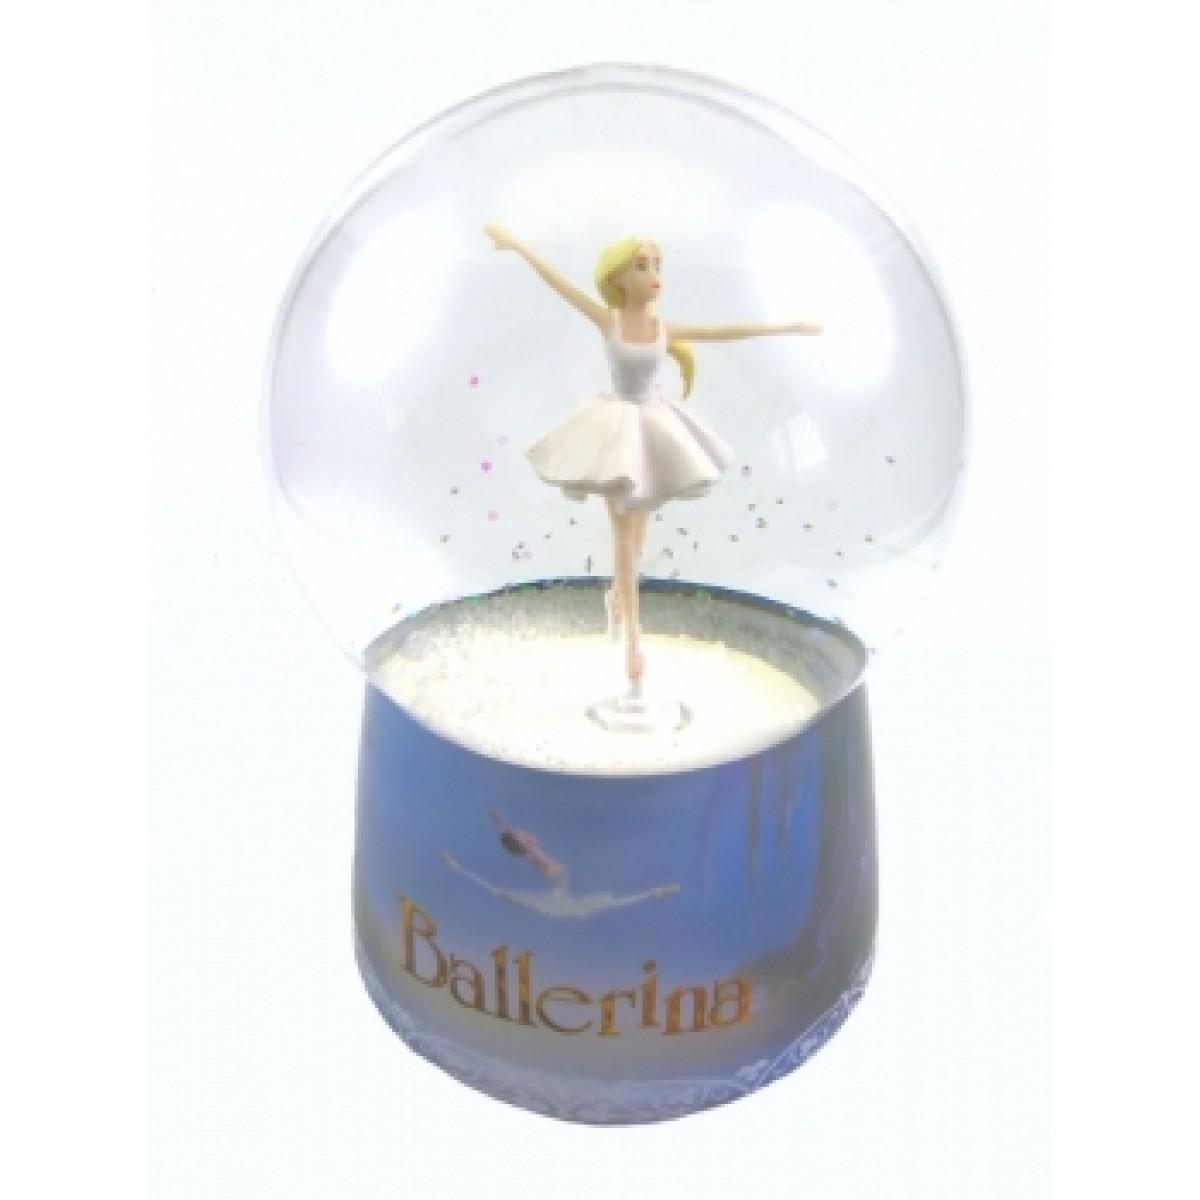 Φωτακι Νυχτος Ballerina Trousselier